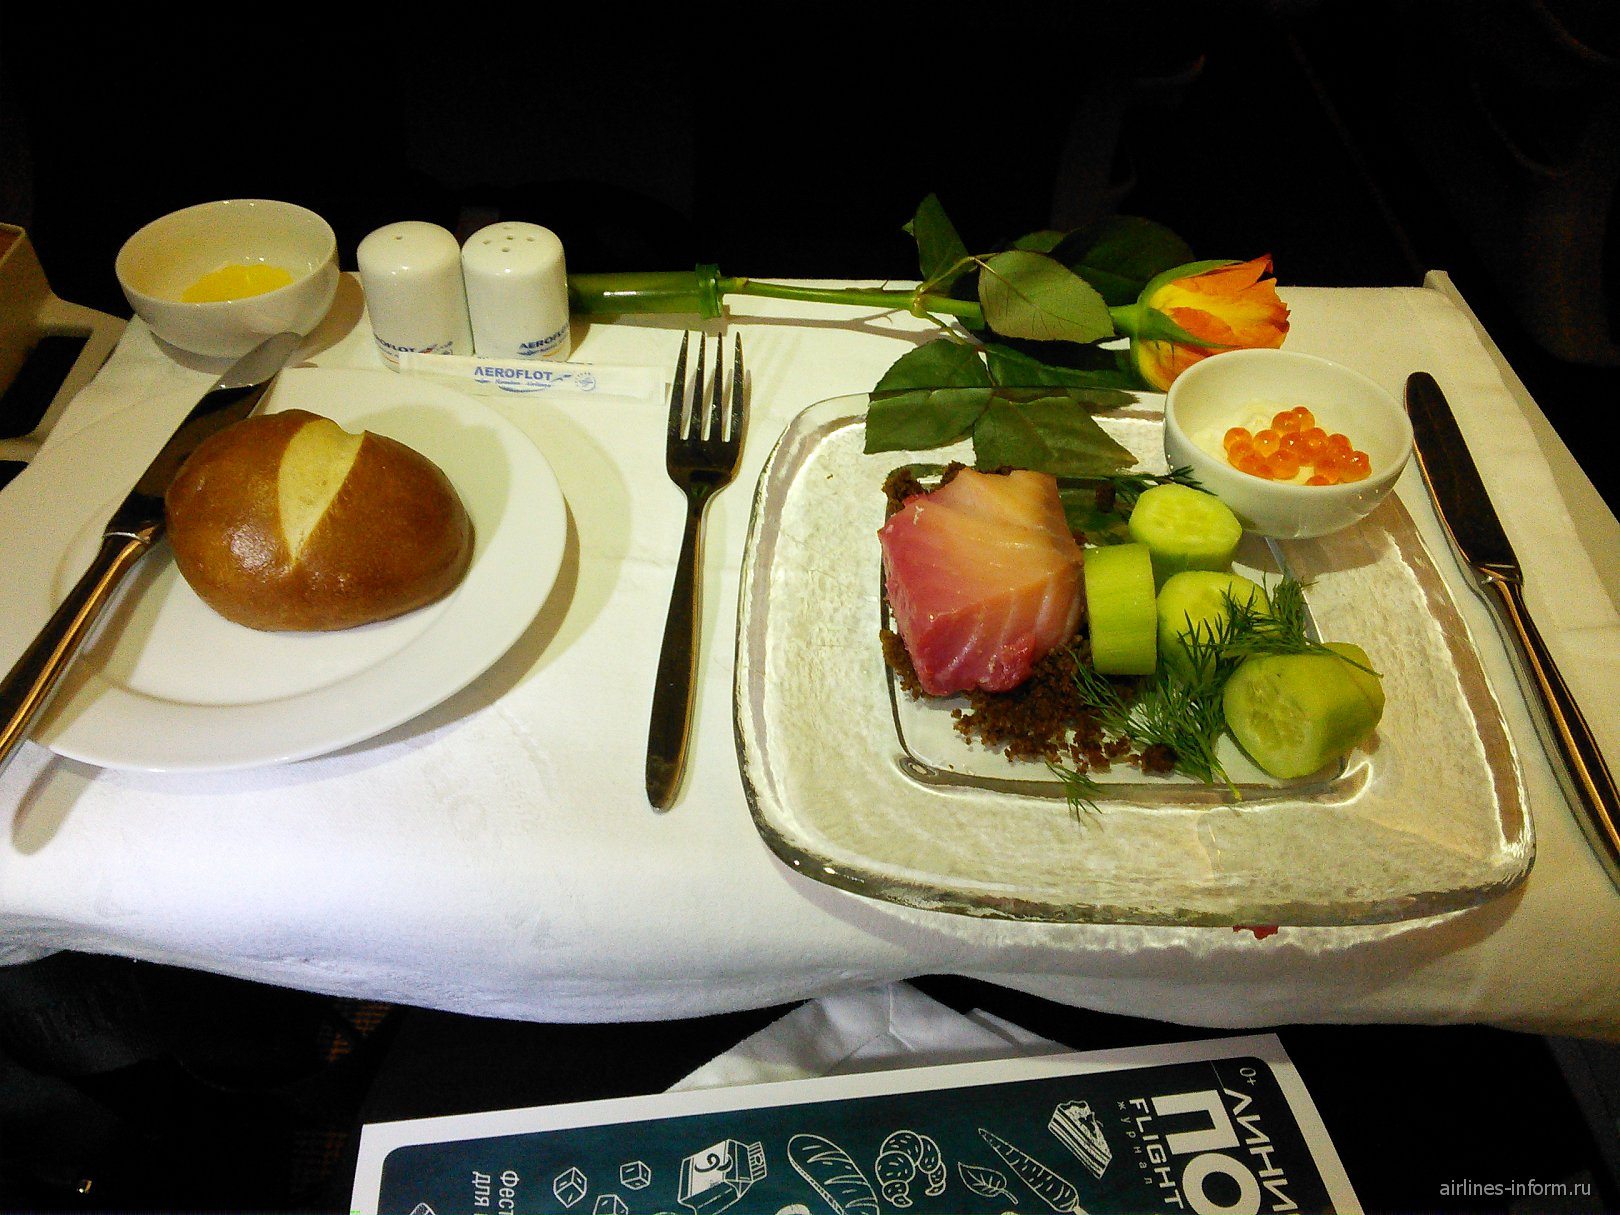 Холодные закуски в бизнес-классе Аэрофлота на рейсе Москва-Владивосток